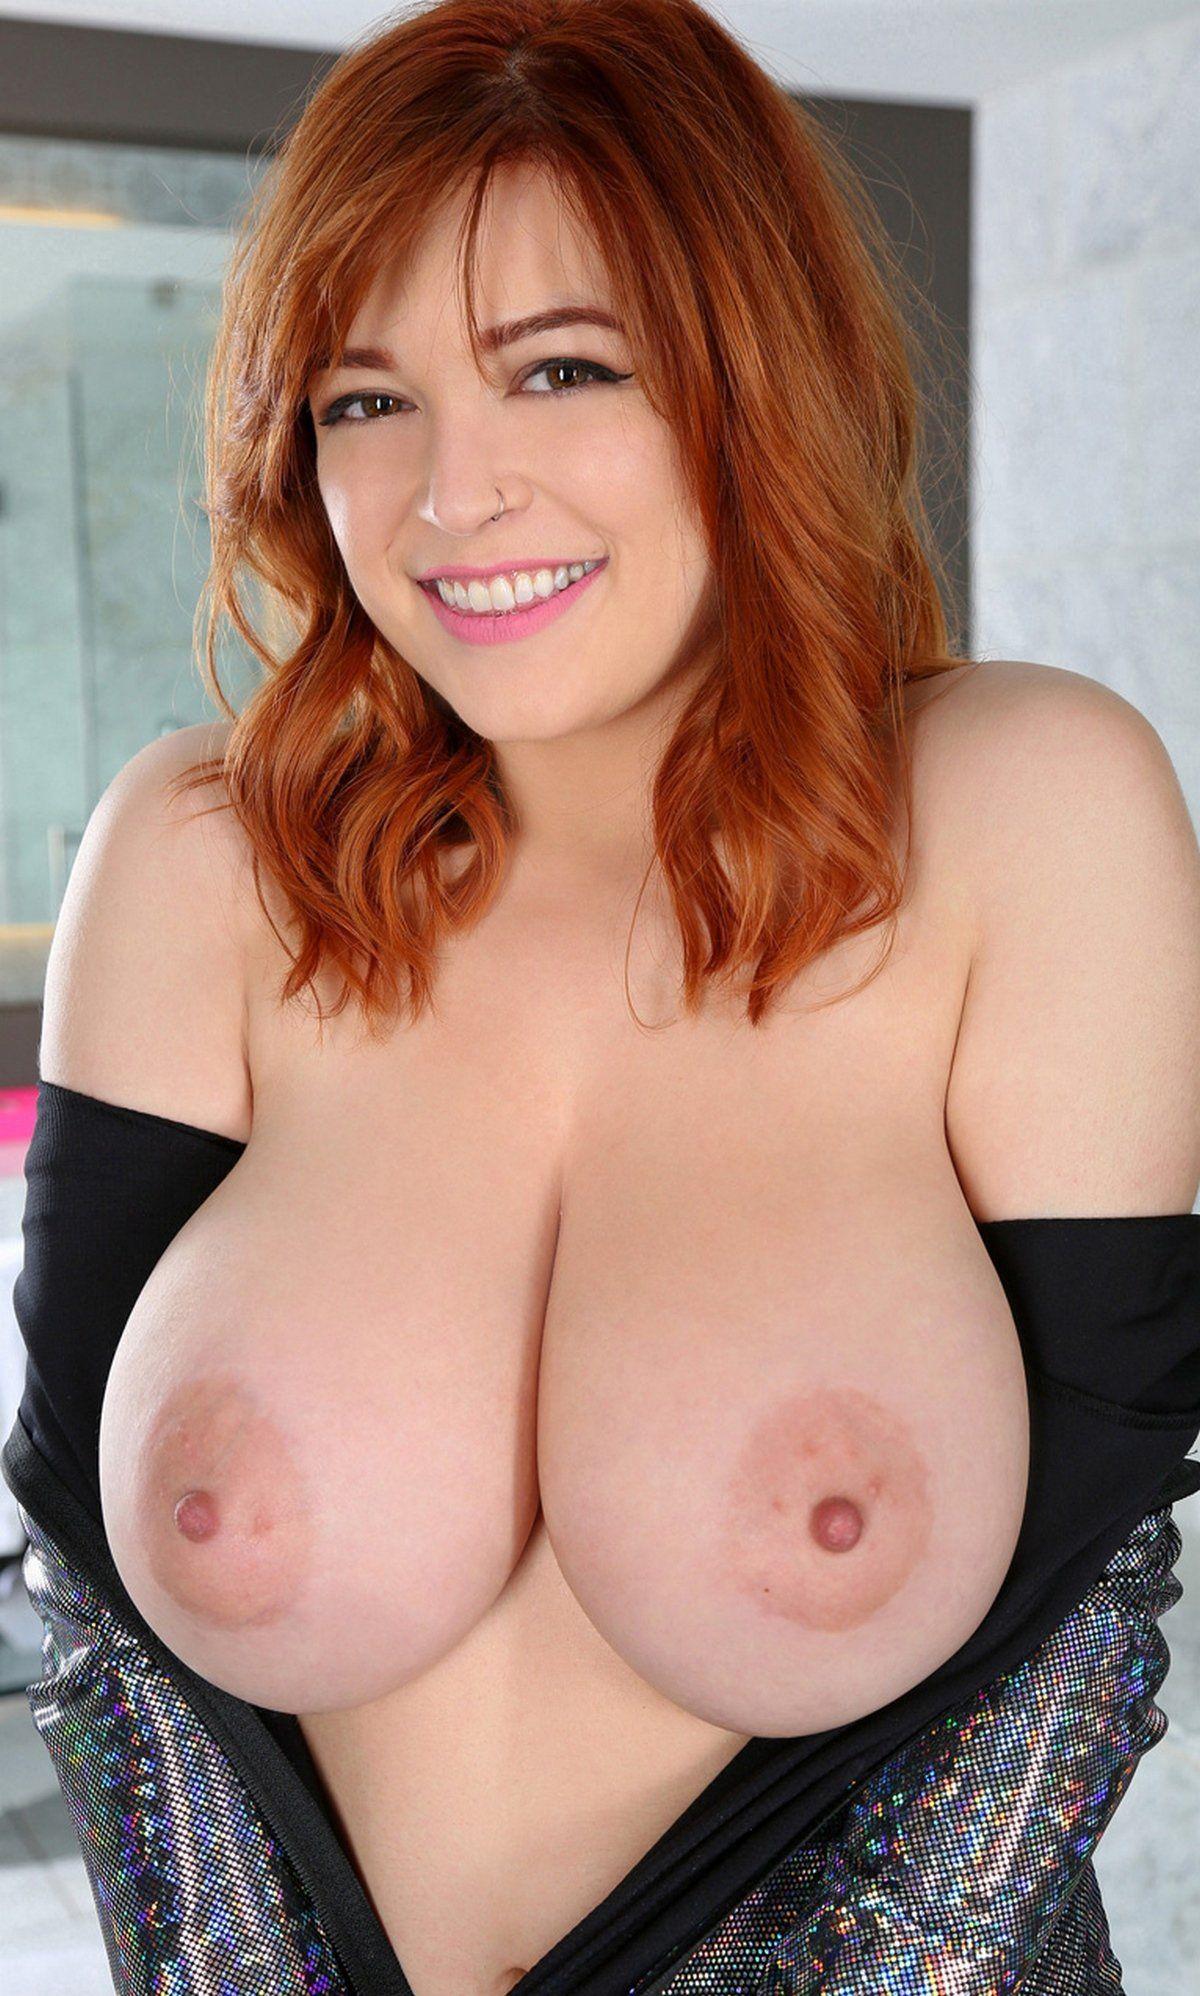 Beautiful big tits redhead porn pics